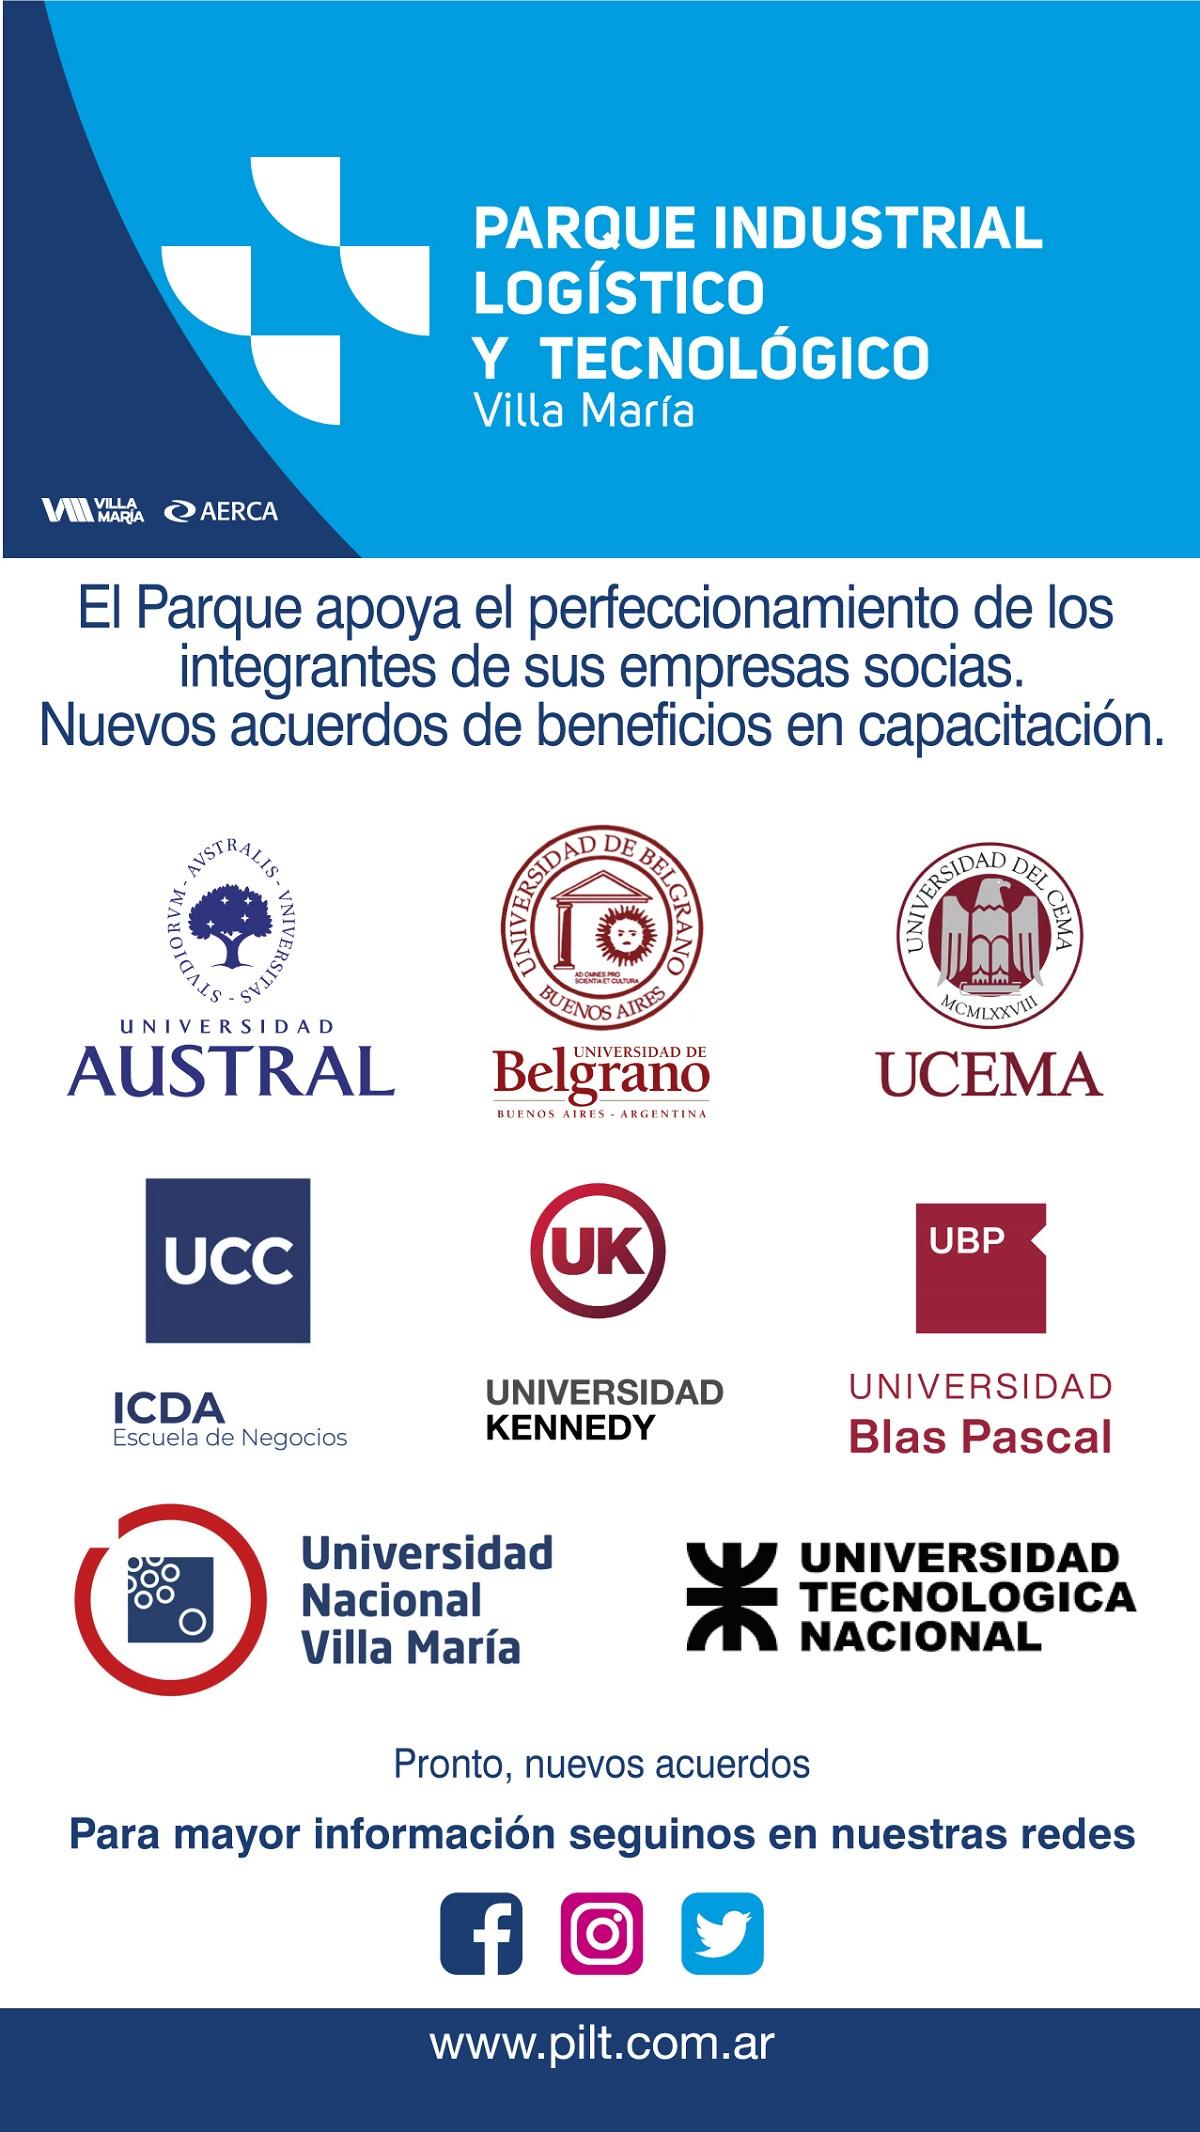 Parque Industrial firmó convenios con universidades por capacitación